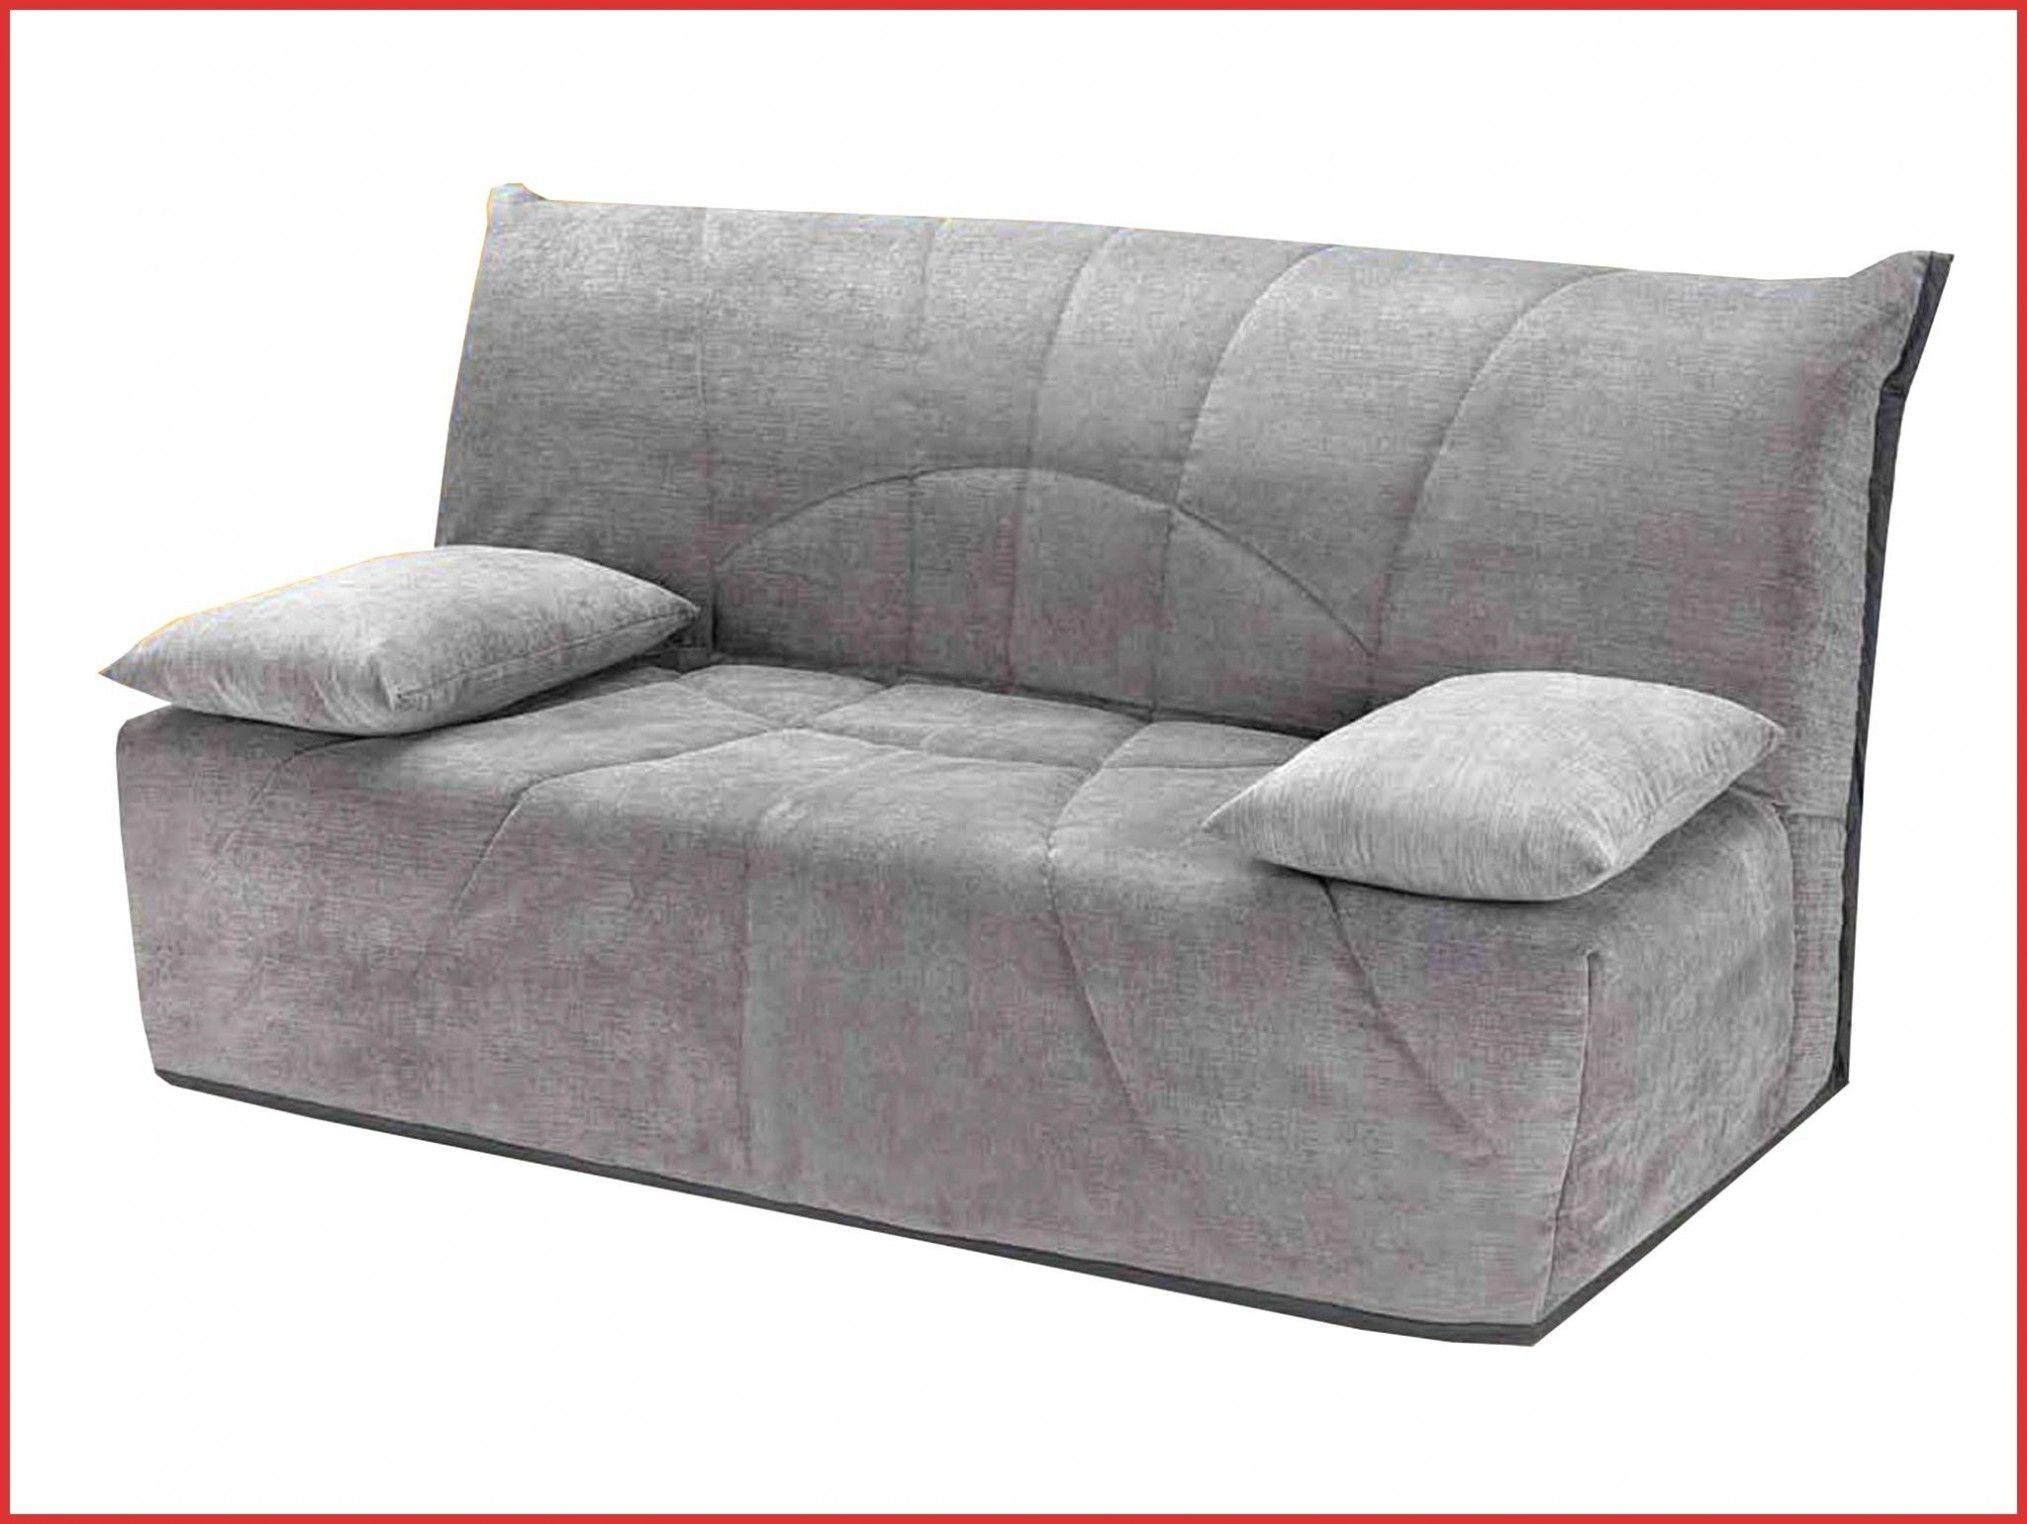 Lit Armoire Canapé Génial Captivant Canapé Lit Moderne Dans Lit Biné Armoire Fresh Lit